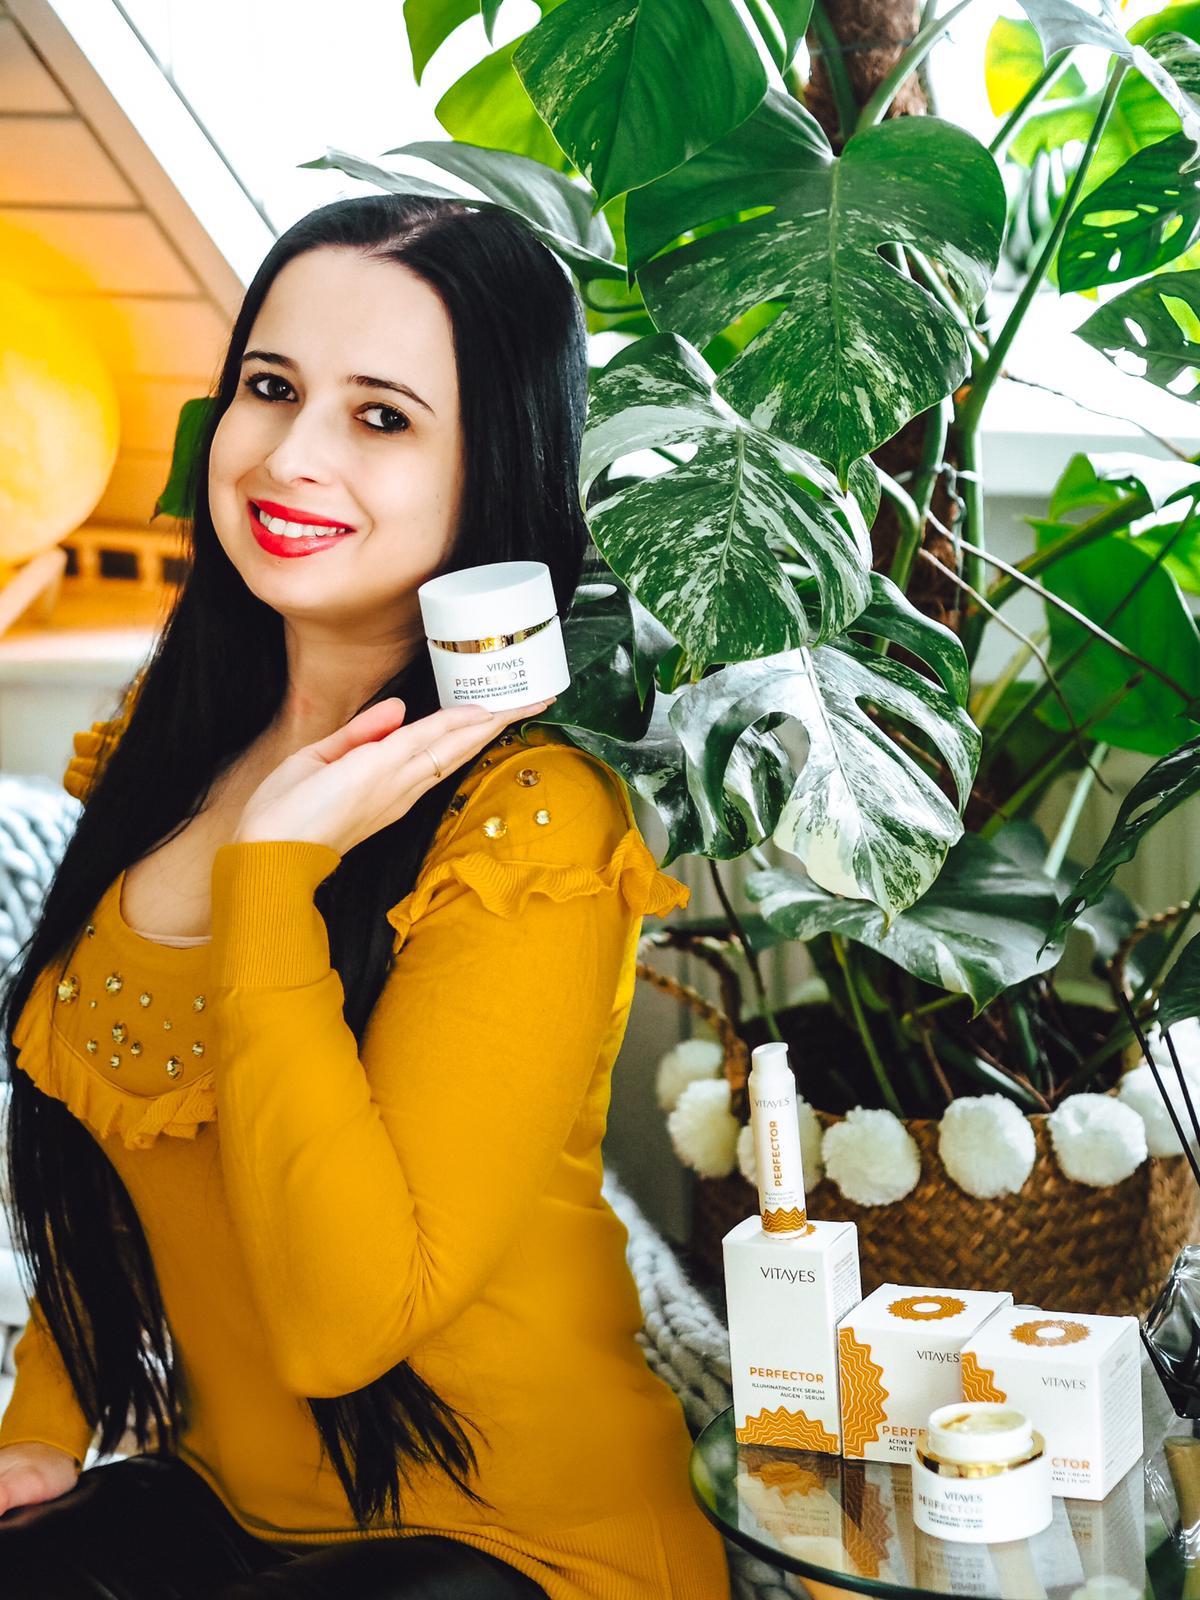 Nachtcreme der Perfector Hautpflegeserie von Vitayes